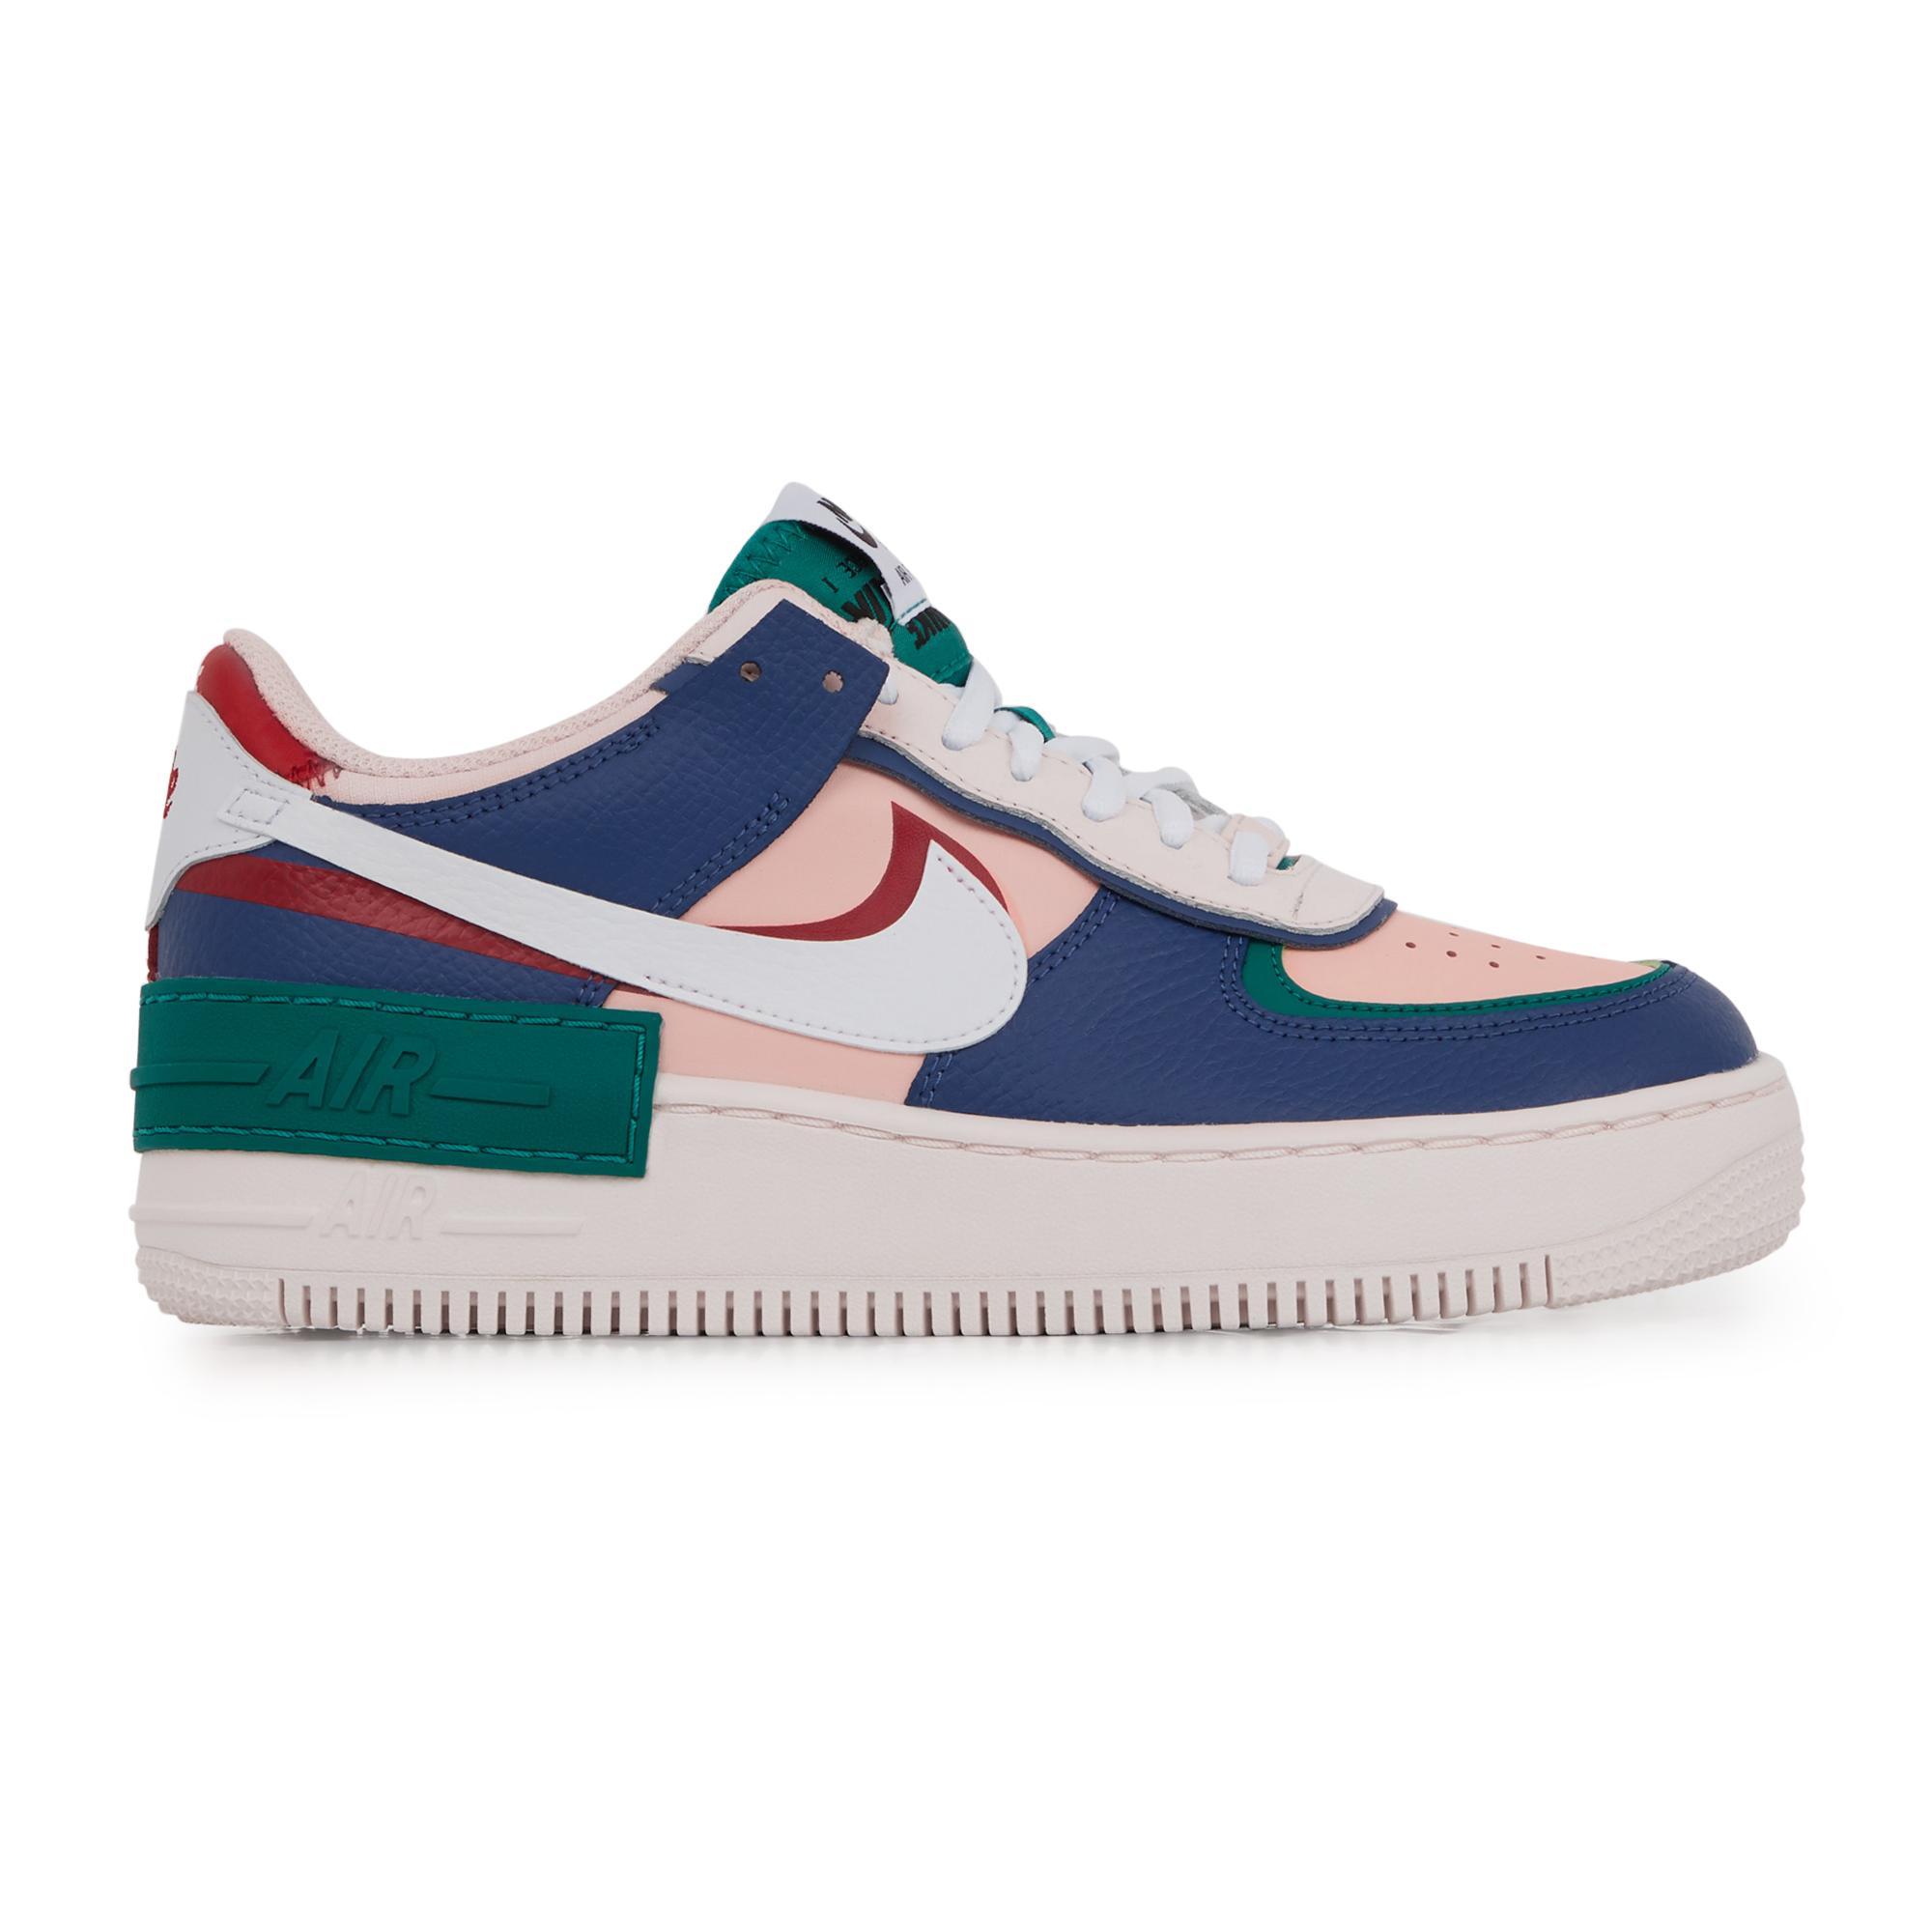 Af1 shadow Nike en coloris Bleu - Lyst